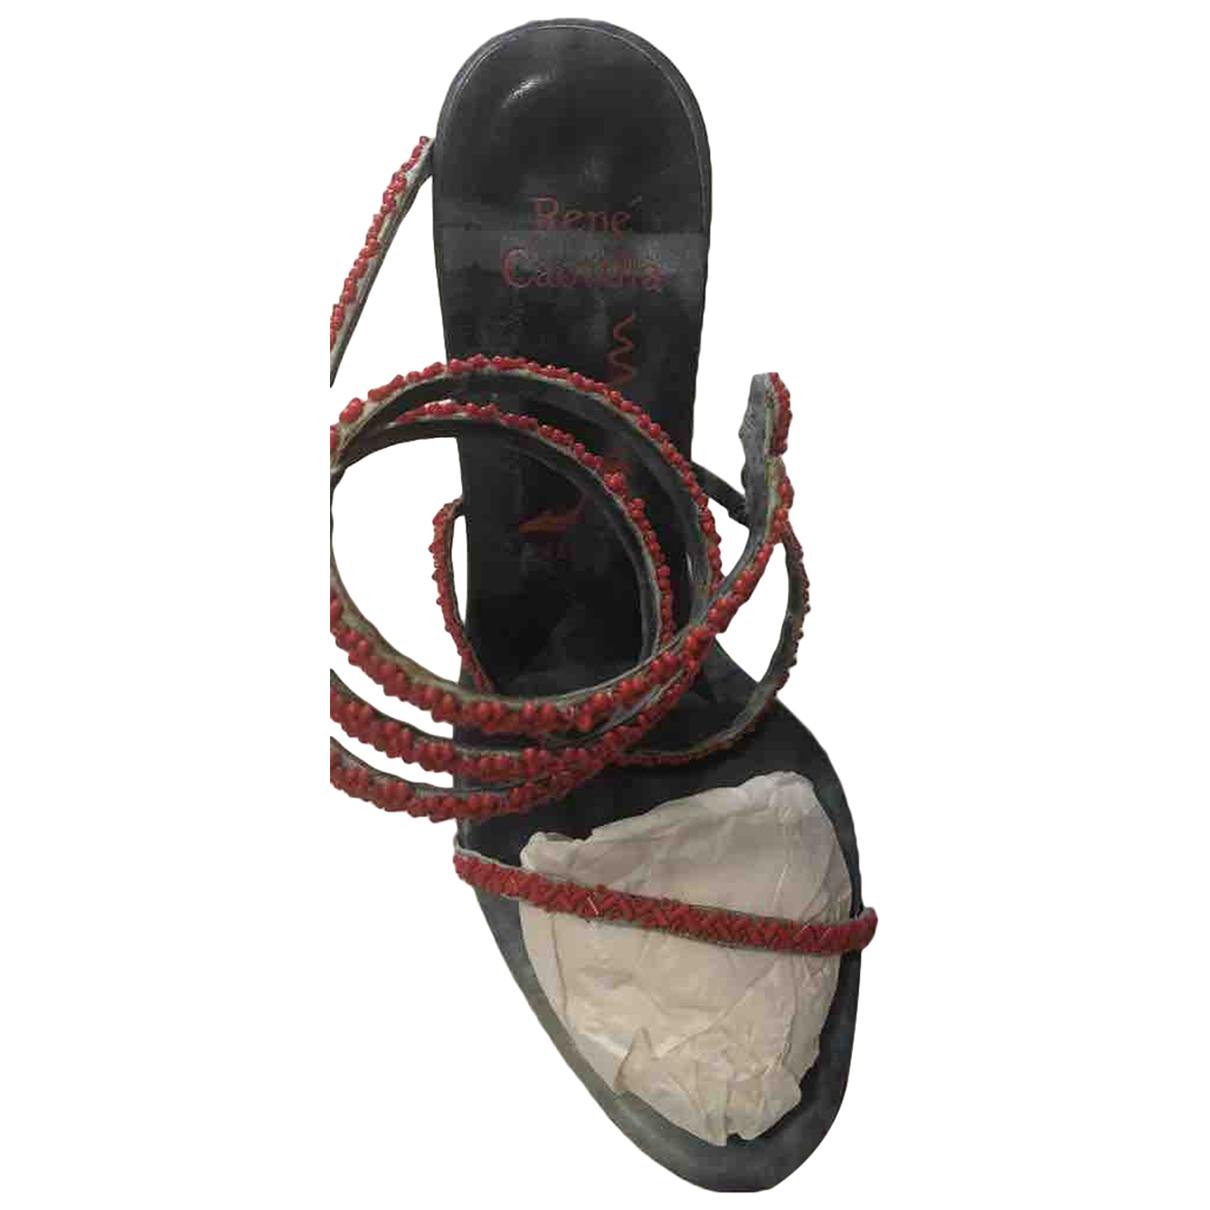 Sandalias romanas de Cuero Rene Caovilla